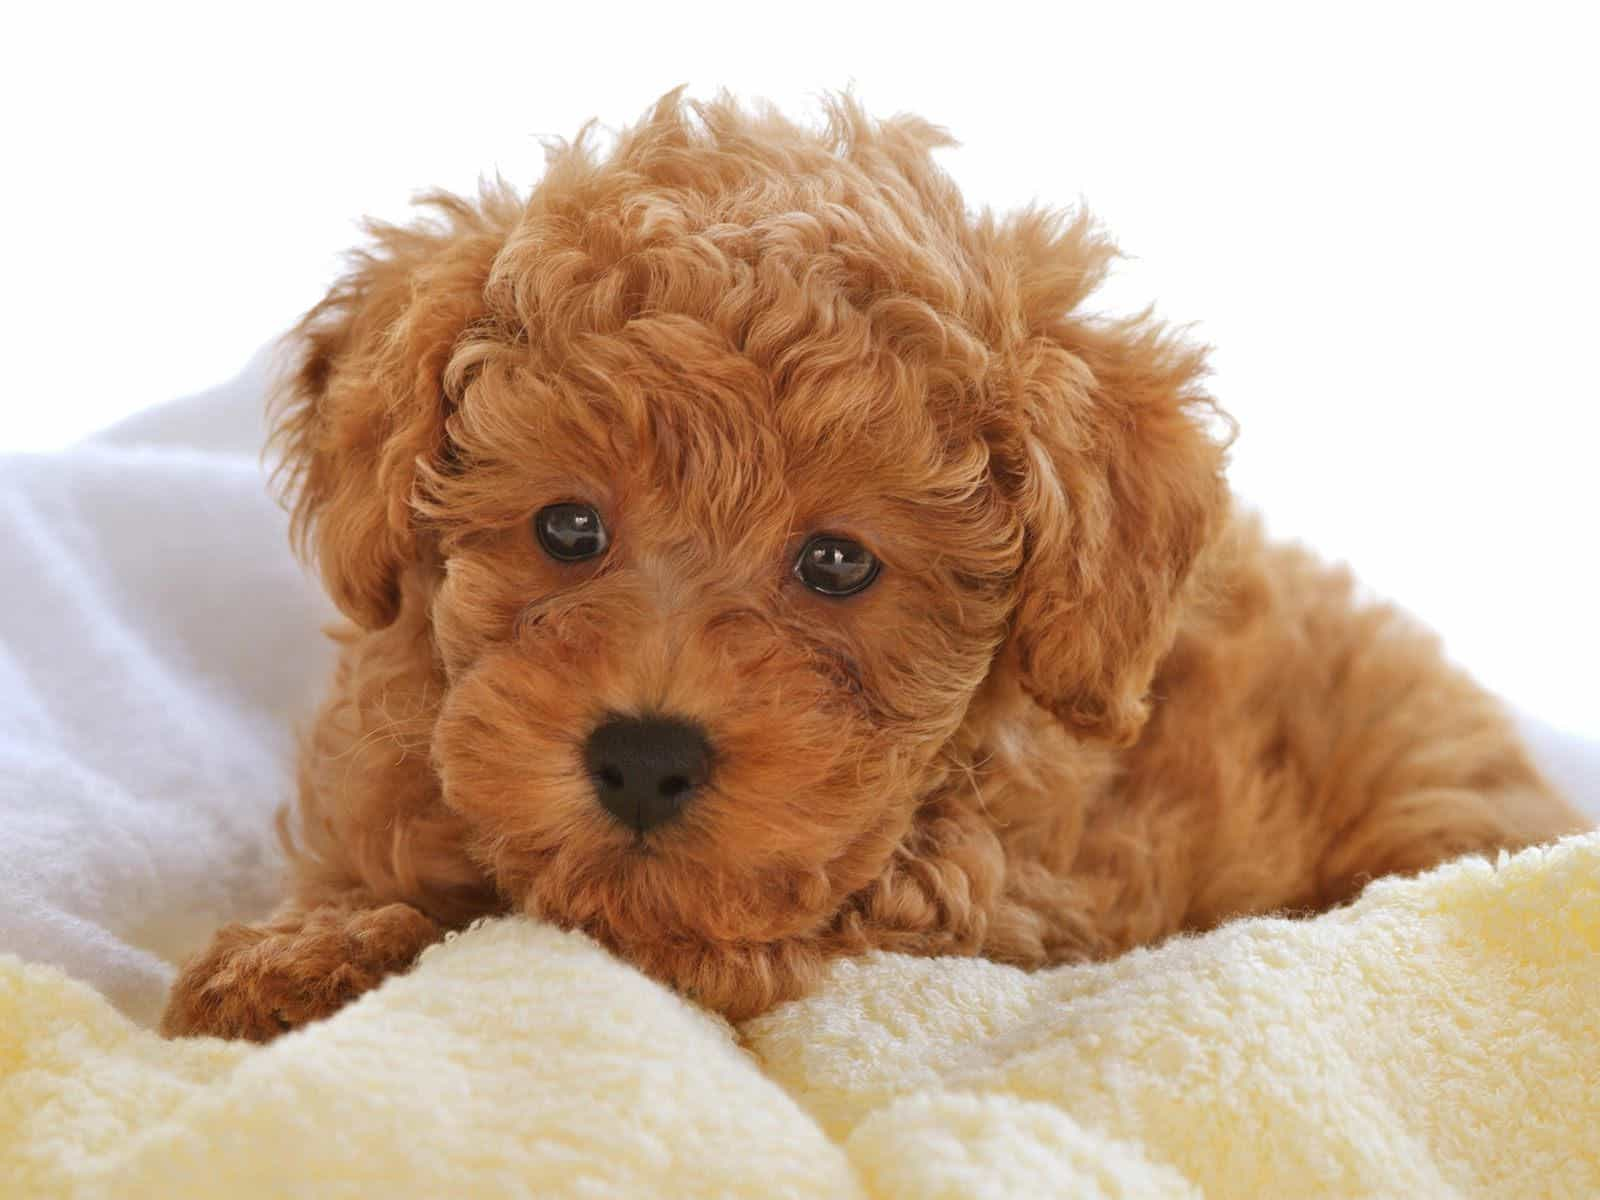 Giá chó Poodle phụ thuộc vào nhiều yếu tố khác nhau